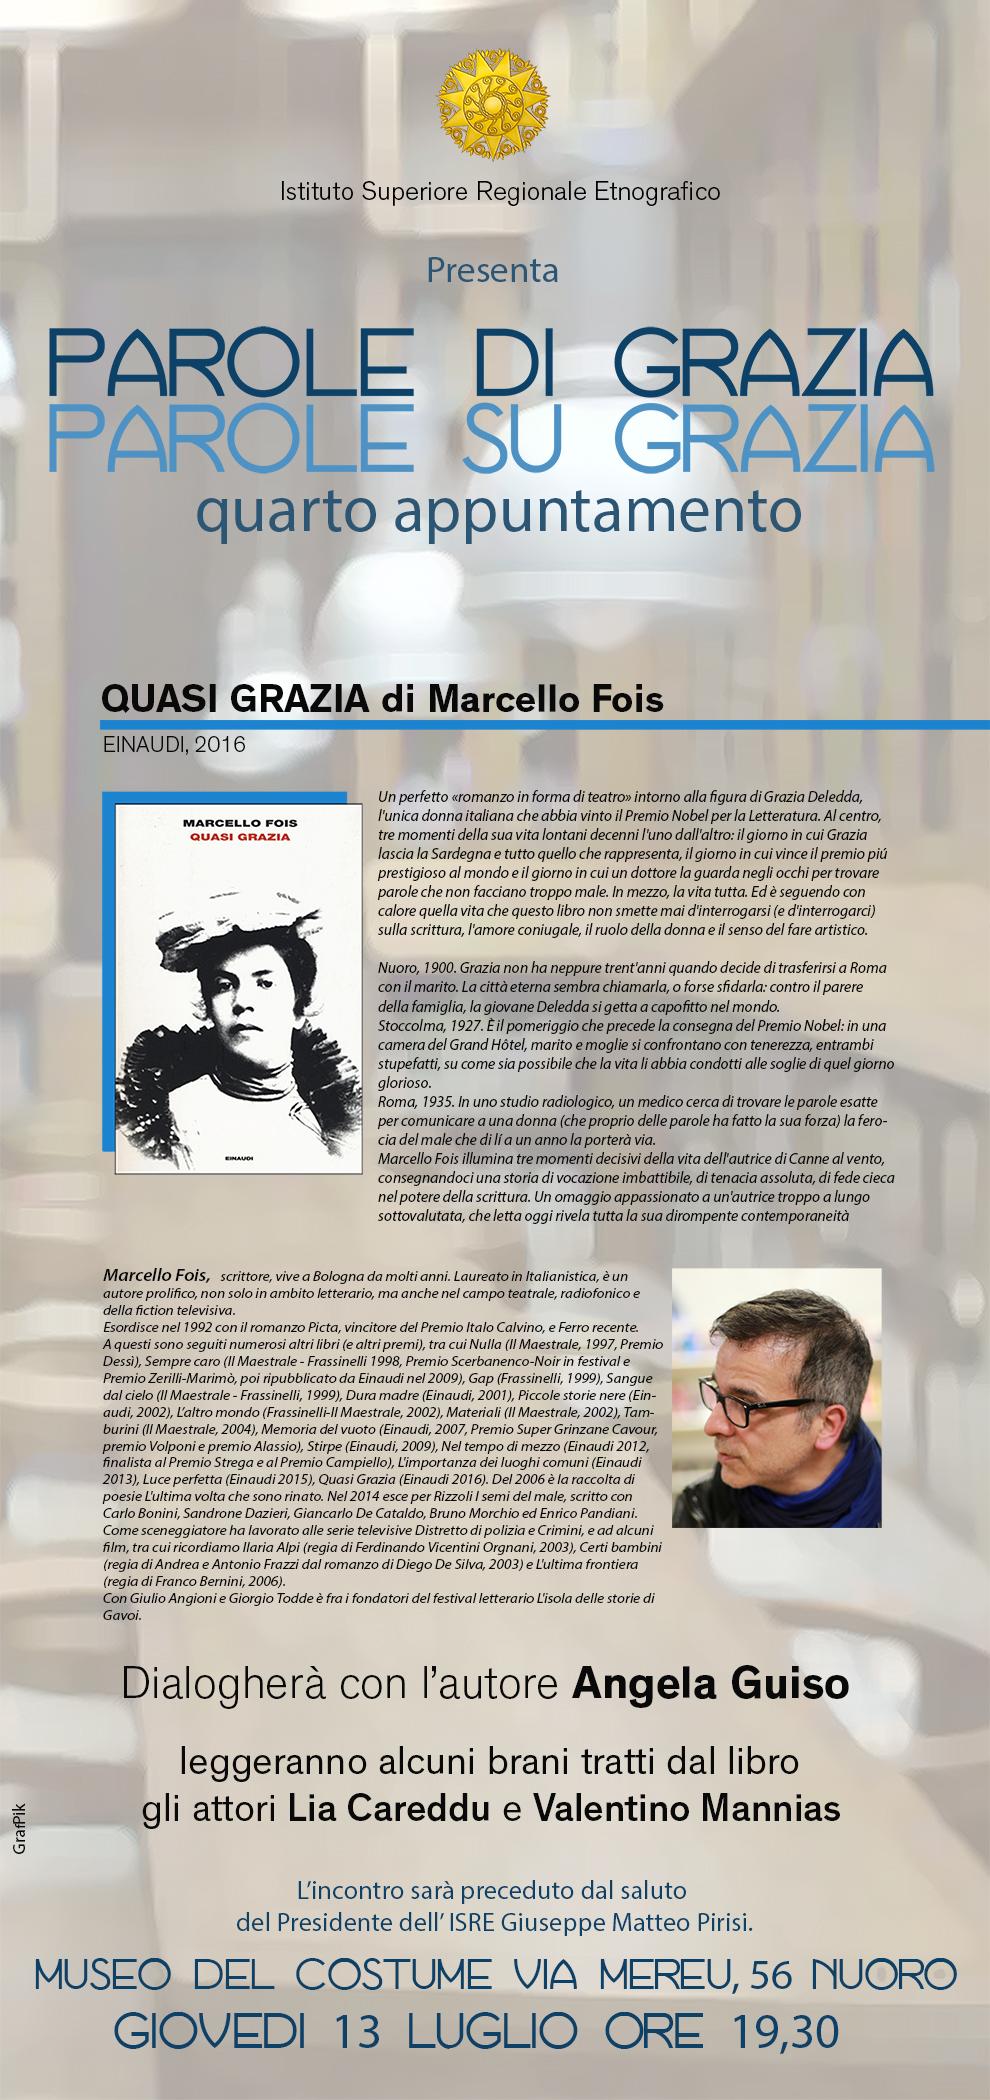 Locandina Parole di Grazia quarto appuntamento con Marcello Fois. Marcello Fois presenta il suo Quasi Grazia Nuoro 13 luglio 2017 nel cortile superiore del Museo del Costume.